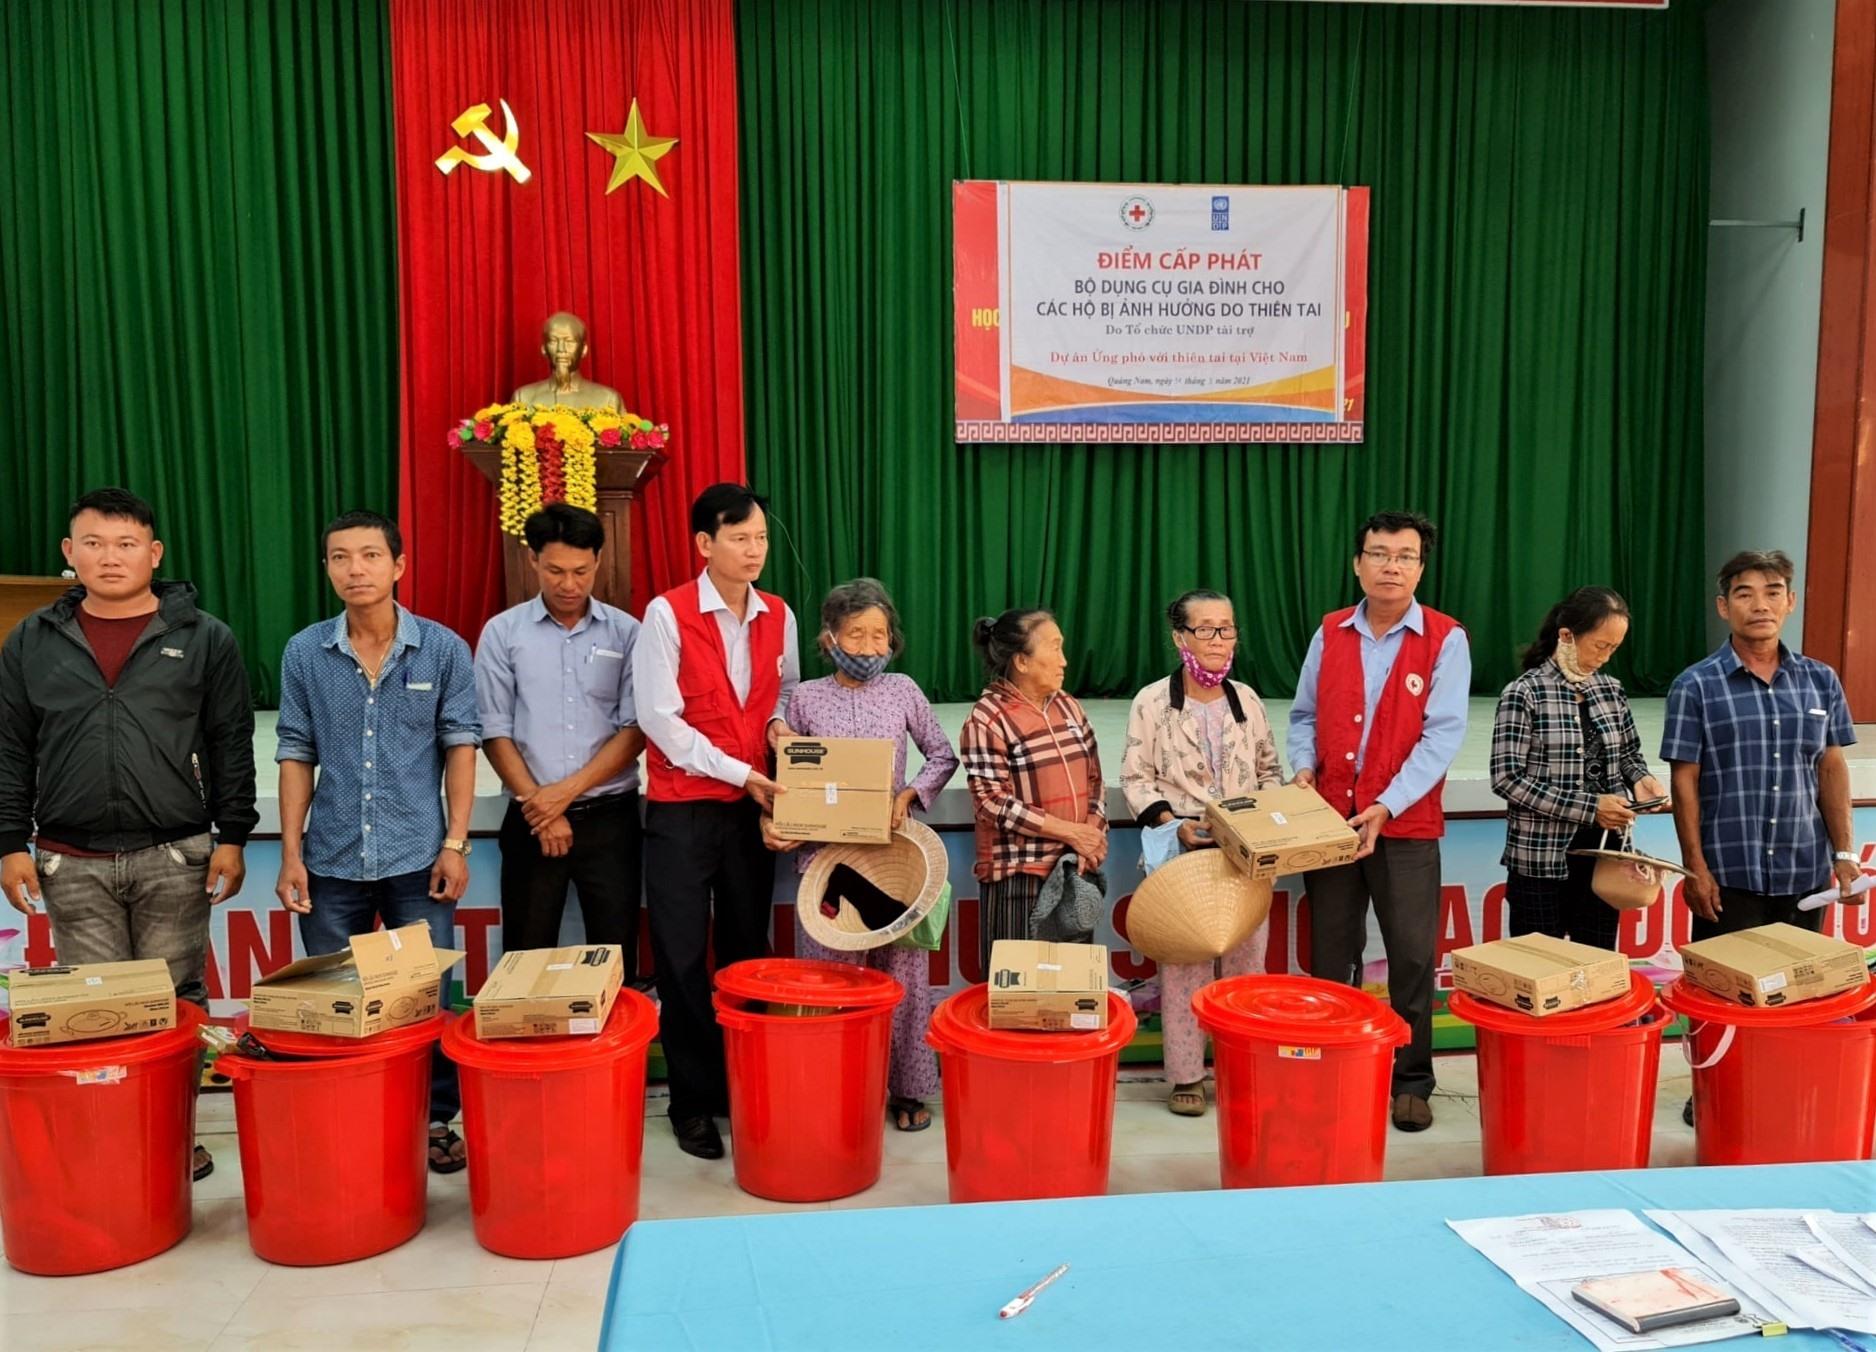 """Người dân vùng thiên tai Quảng Nam nhận các bộ dụng cụ hỗ trợ từ dự án """"Ứng phó với thiên tai tại Việt Nam"""". Ảnh: RY PHAN"""